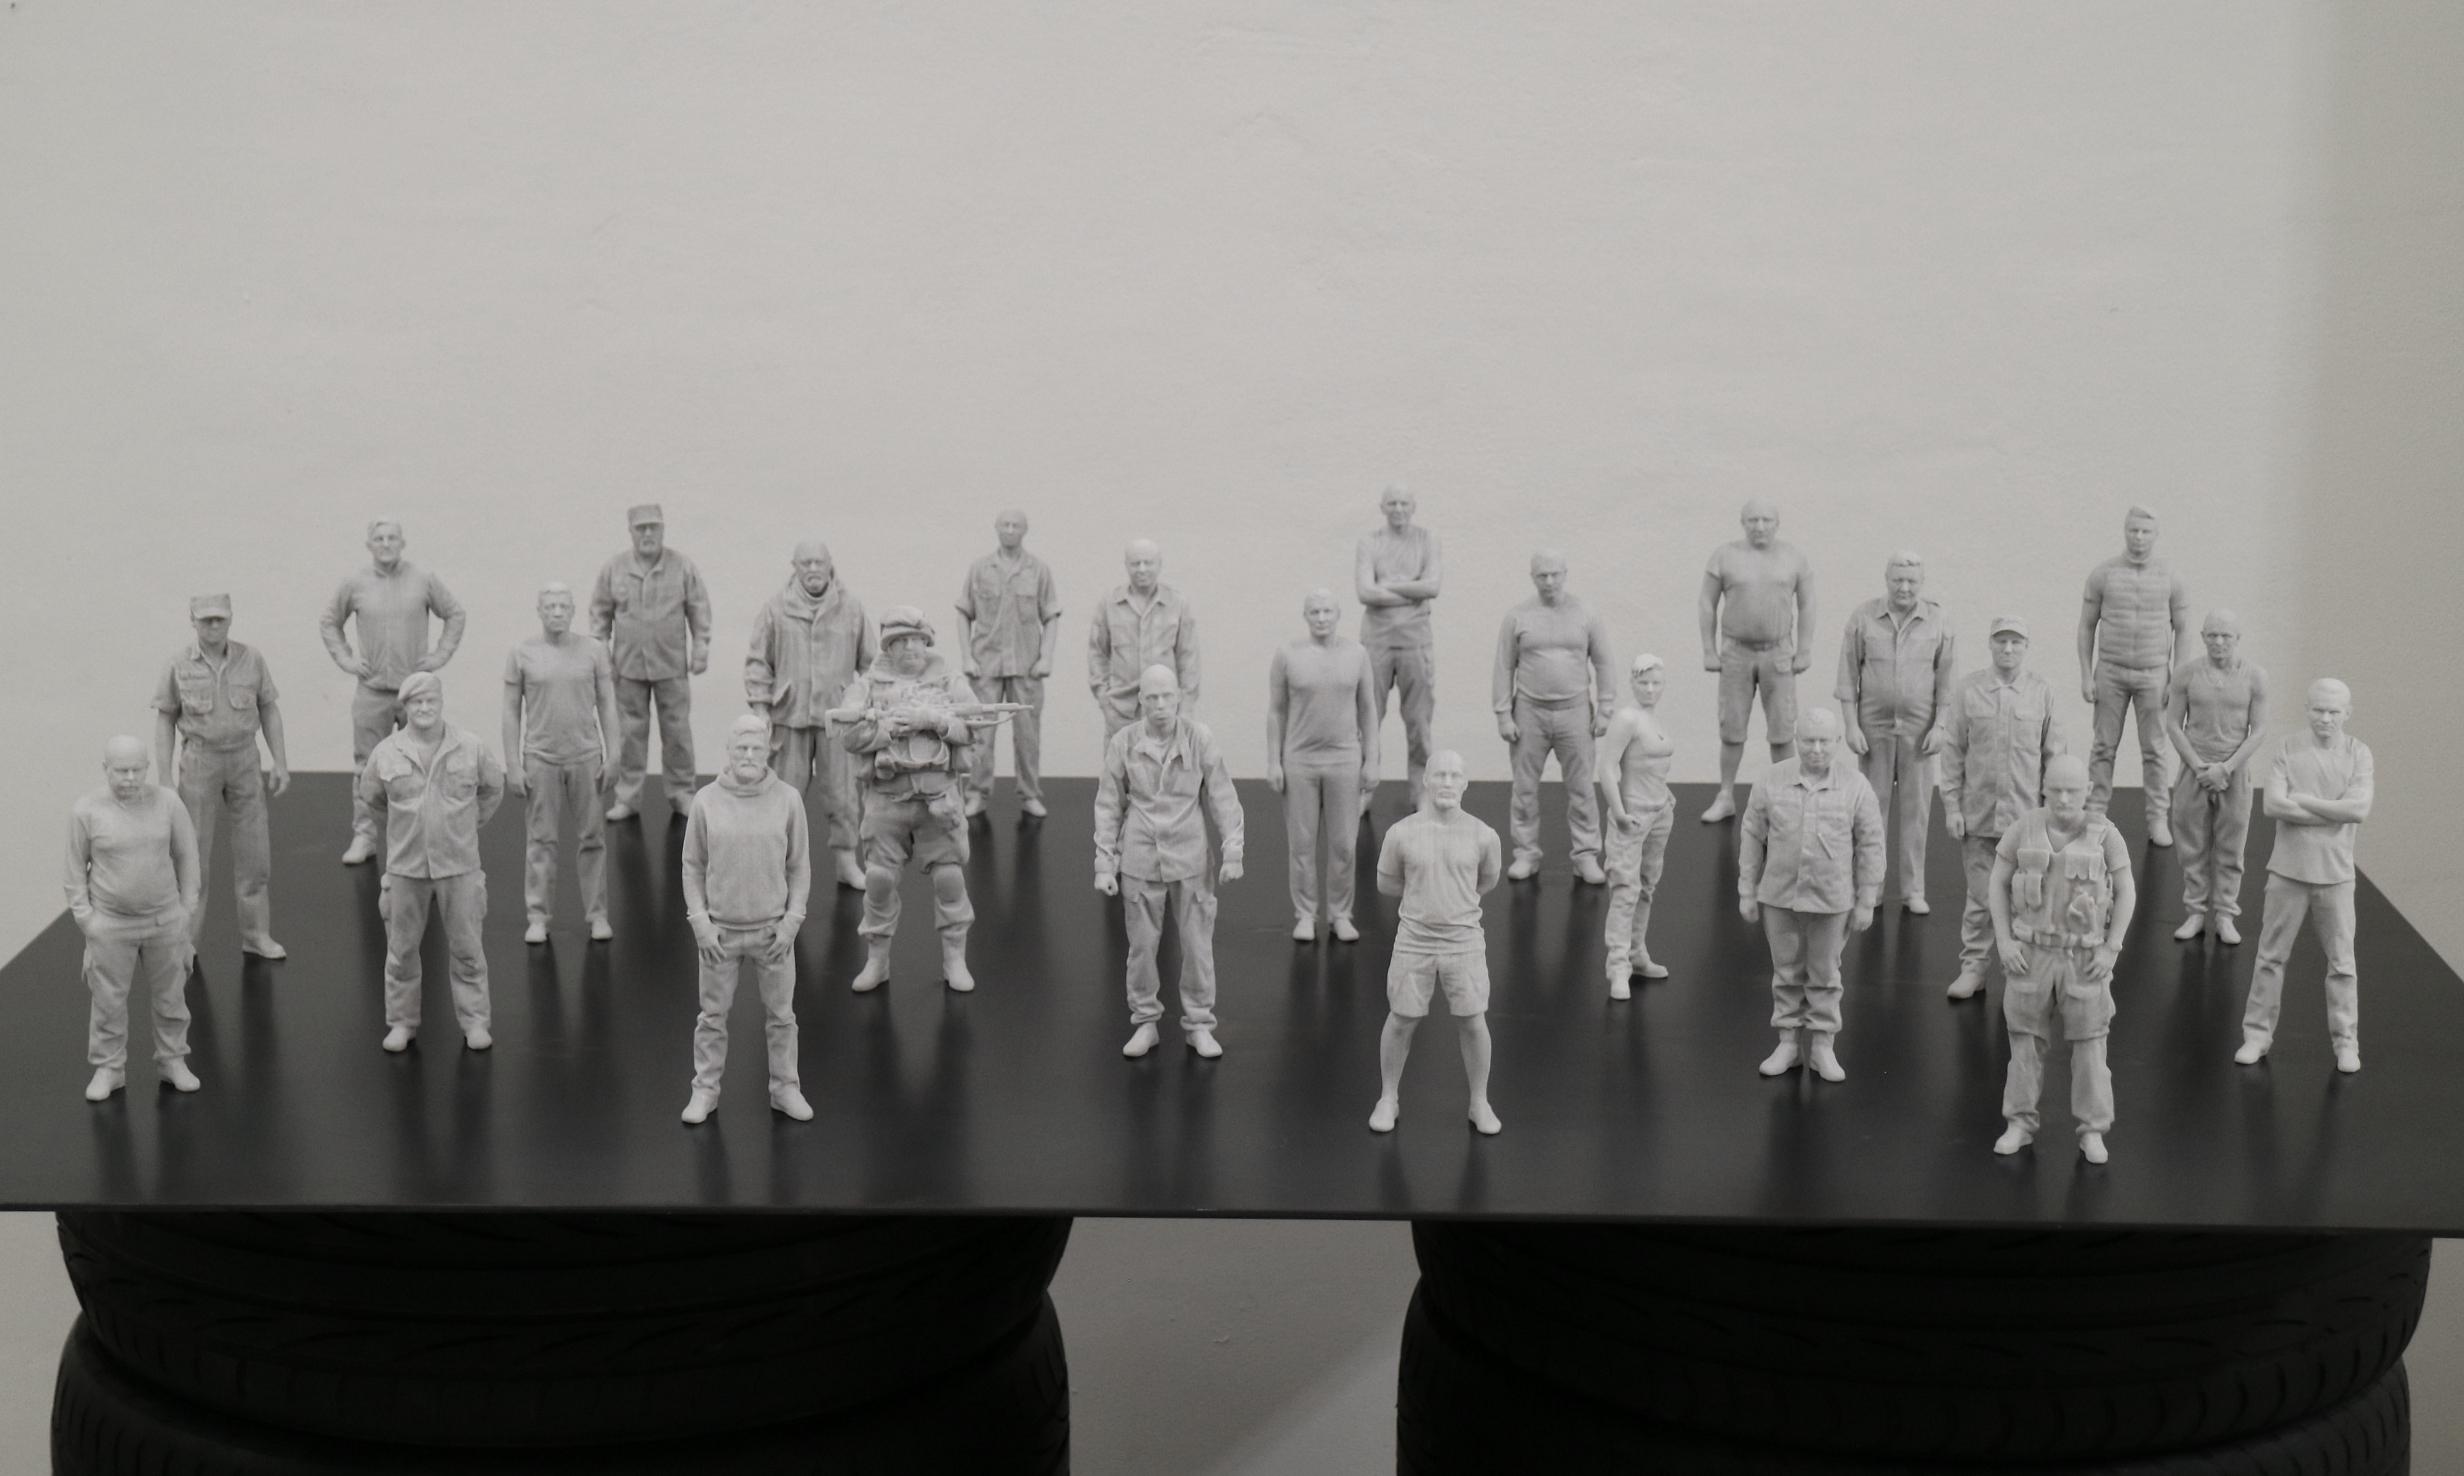 «Exodus. Бірючій 019. Монтенегро» зафіксують у 3D-репортажі